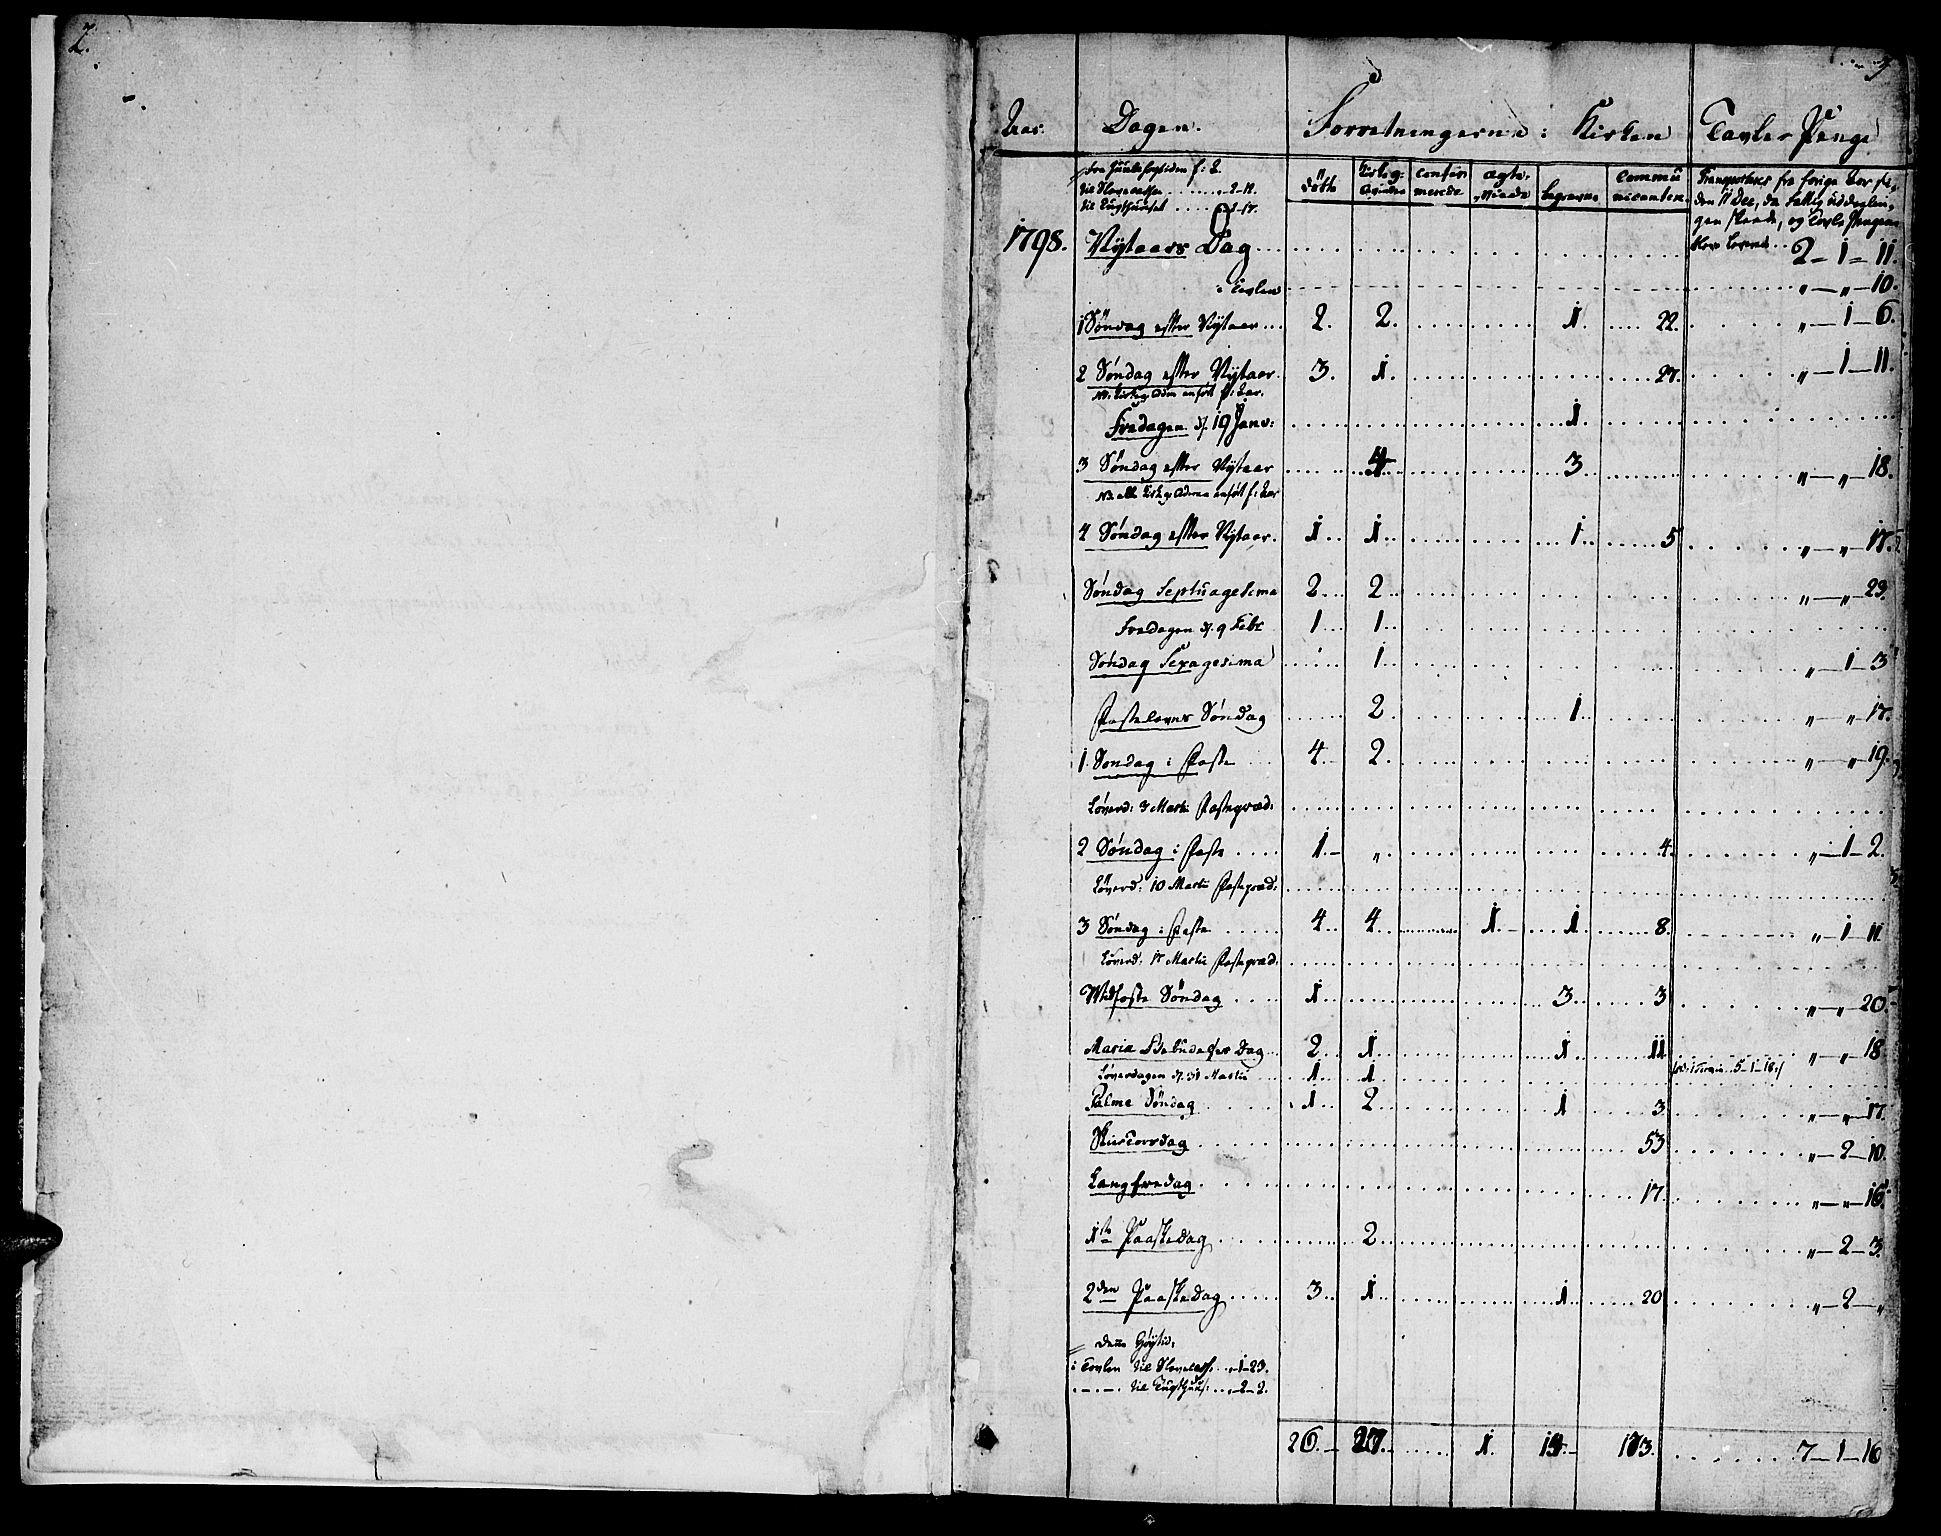 SAT, Ministerialprotokoller, klokkerbøker og fødselsregistre - Sør-Trøndelag, 681/L0927: Ministerialbok nr. 681A05, 1798-1808, s. 2-3